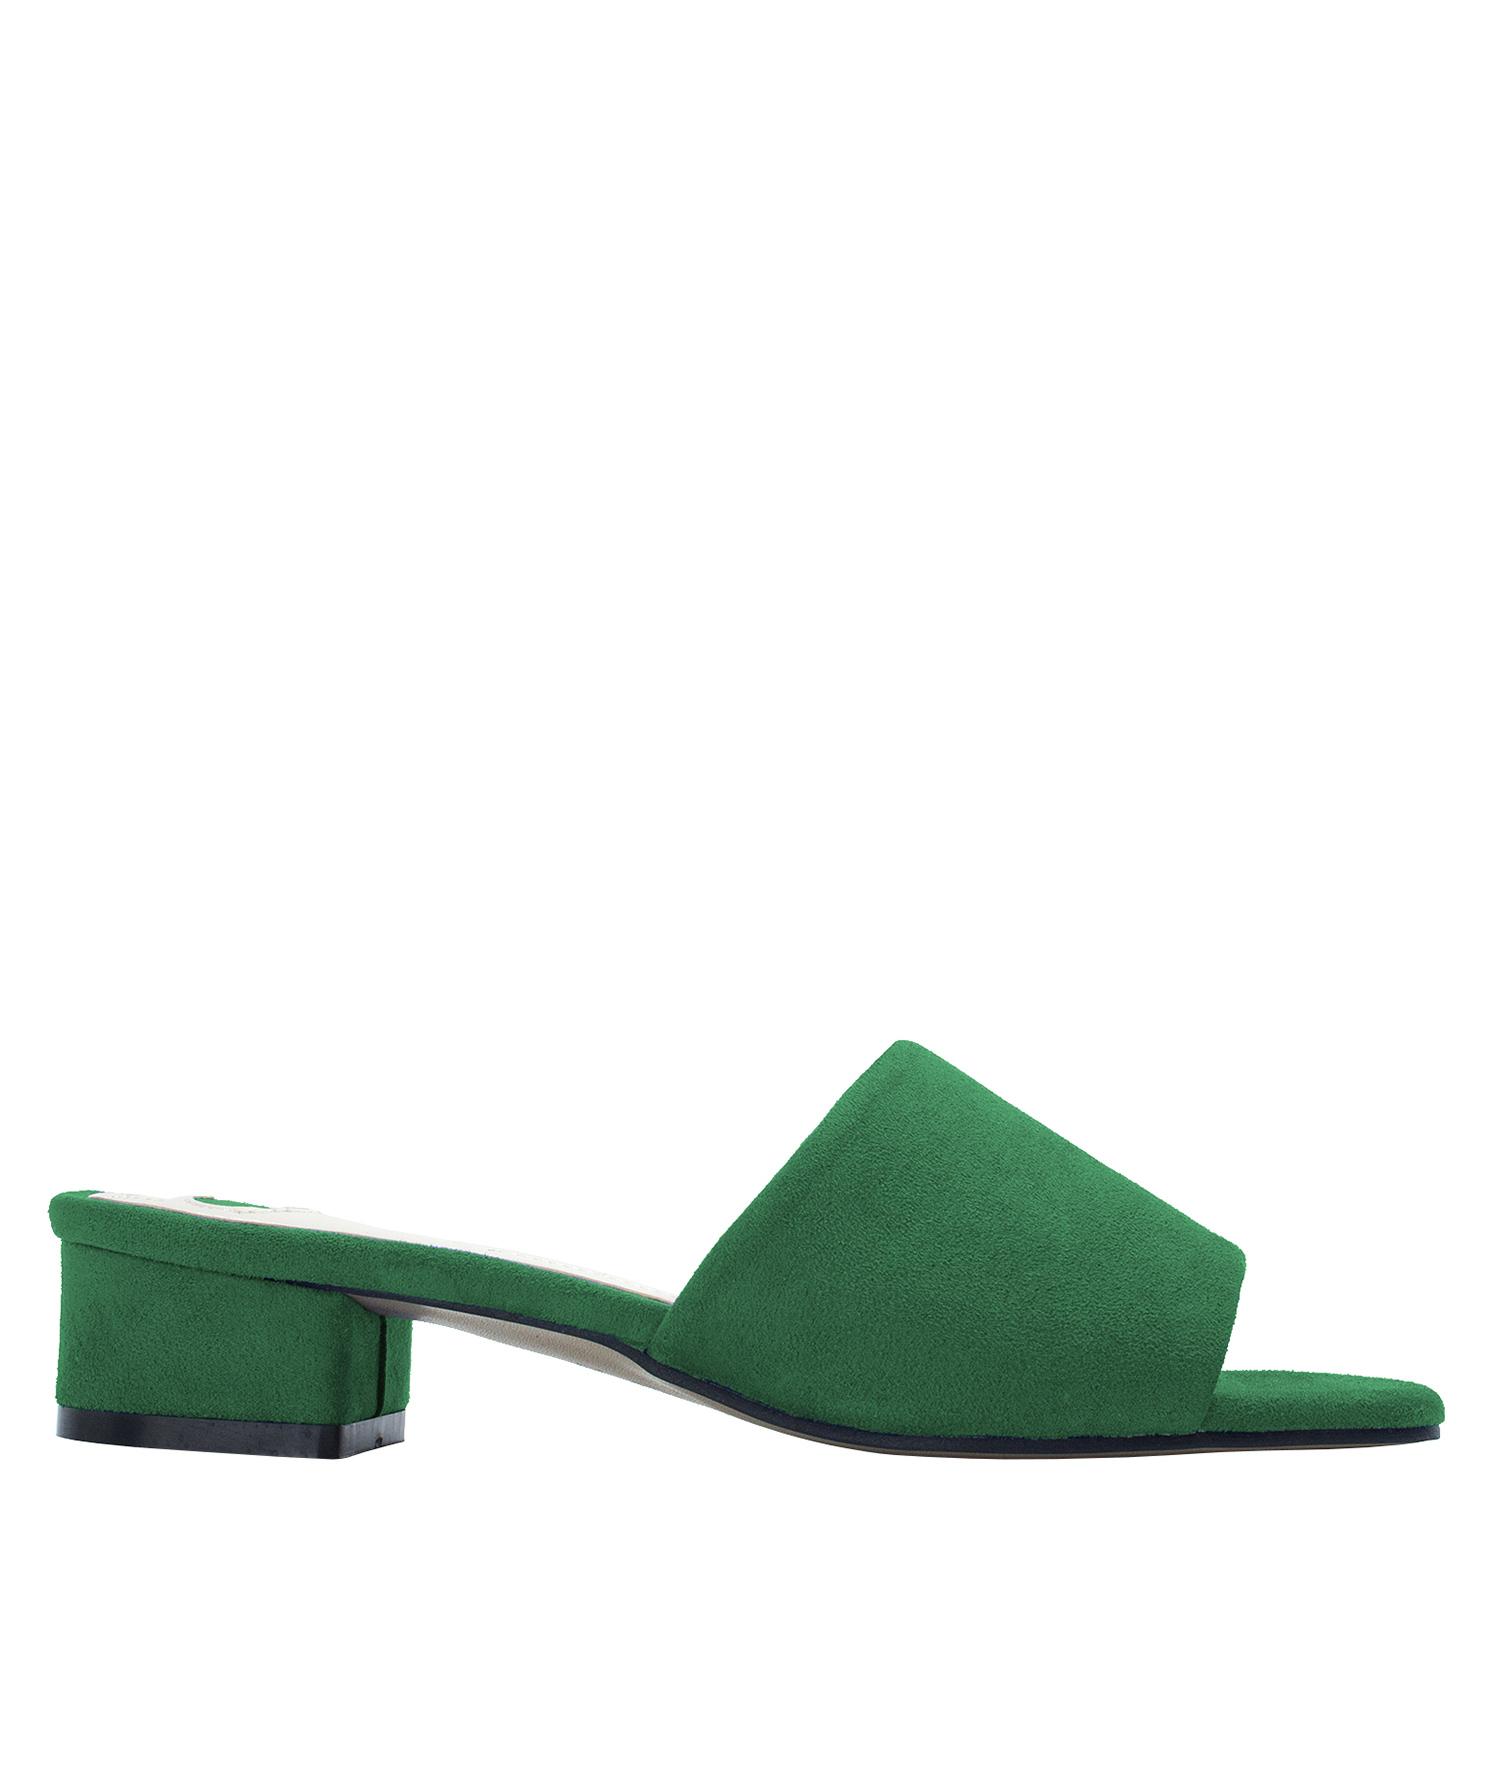 e86eb1de60a50 Annakastle Womens Faux Suede Slide Mule Sandals Green